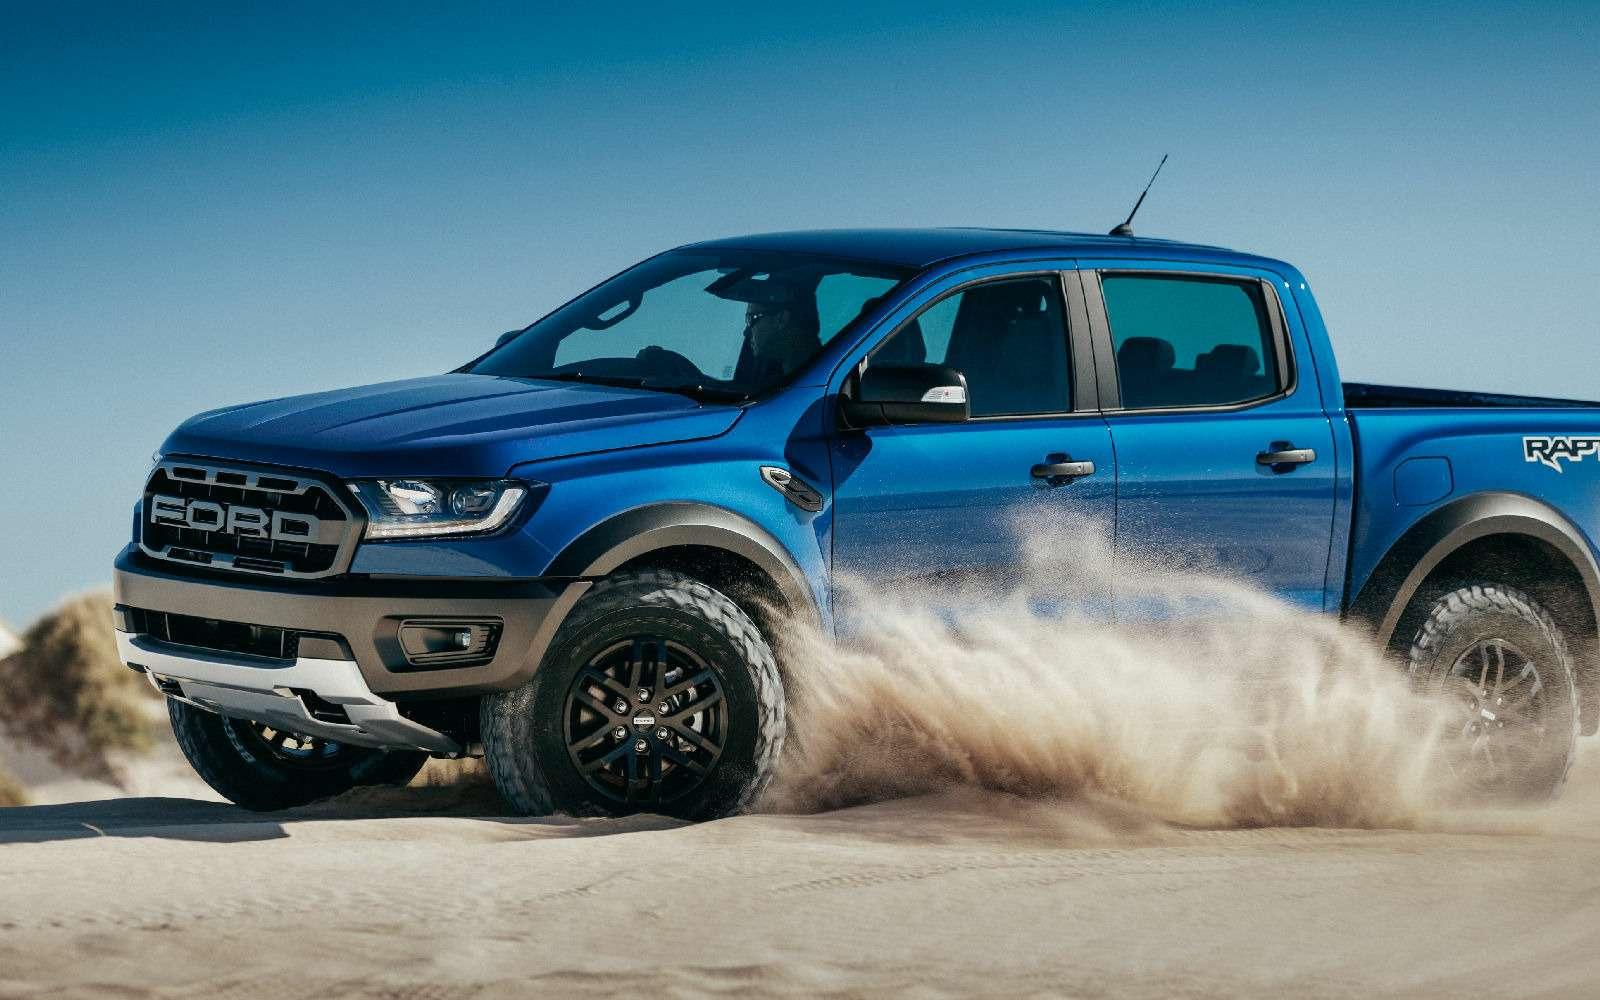 Длядорог инаправлений: представлен экстремальный Ford Ranger Raptor— фото 843212